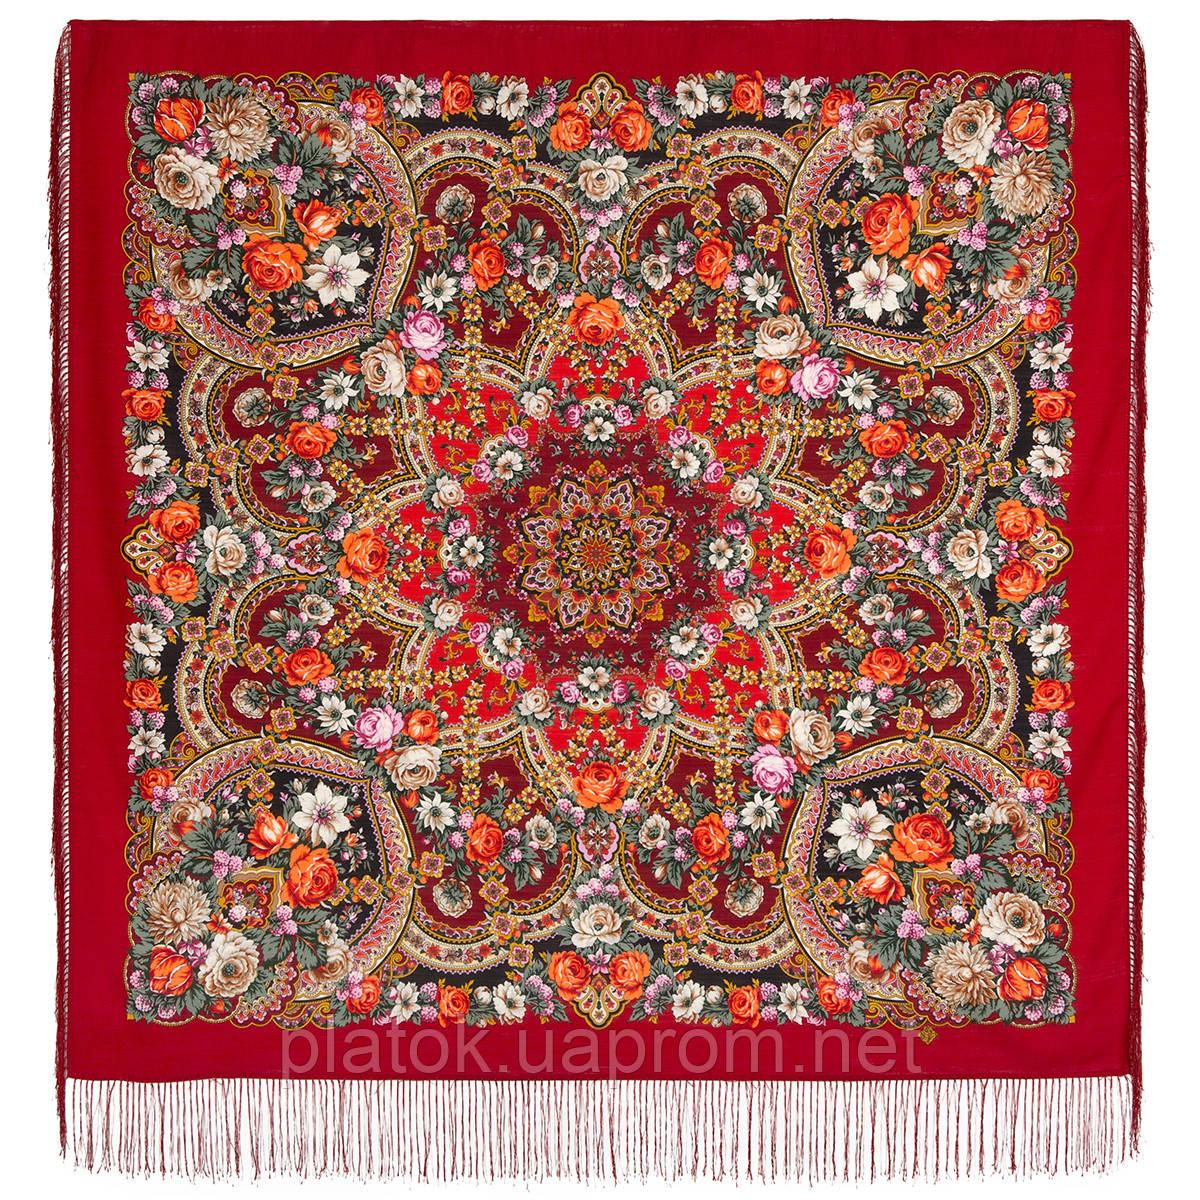 Серебряный ручей 1851-5, павлопосадский платок шерстяной с шелковой бахромой